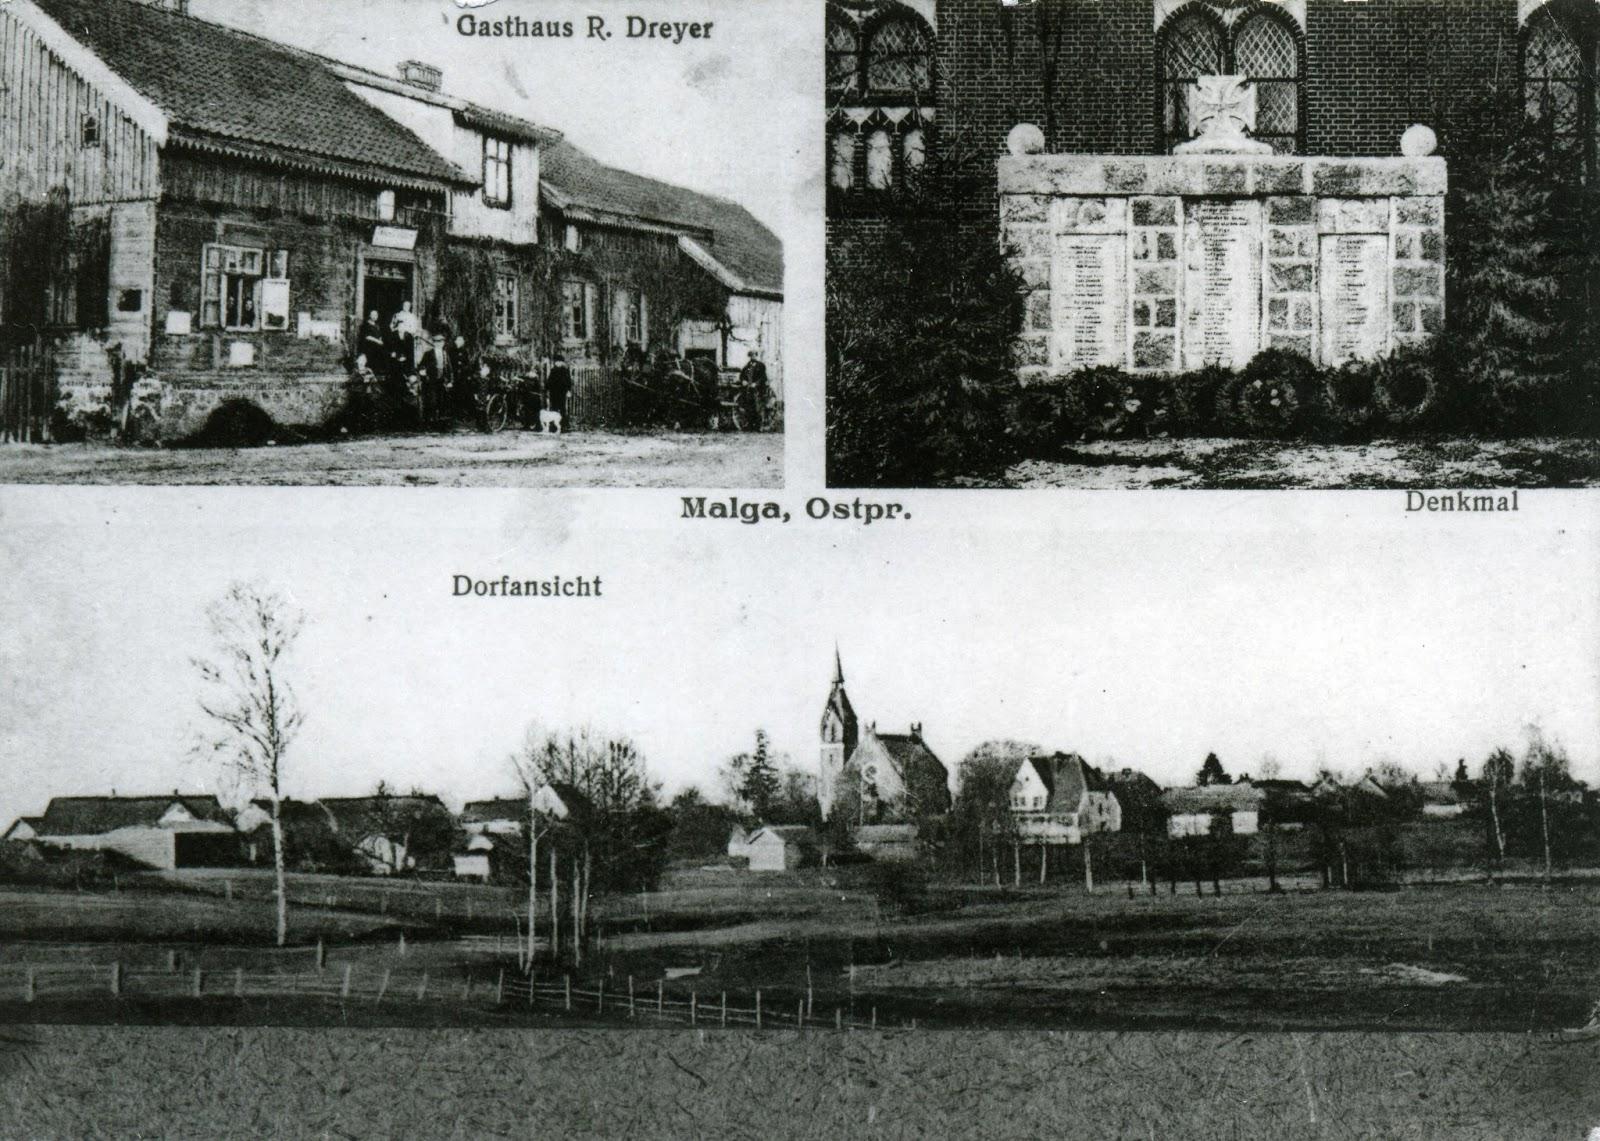 Wieża kościelna i cmentarz - pozostałość po mazurskiej wsi Małga